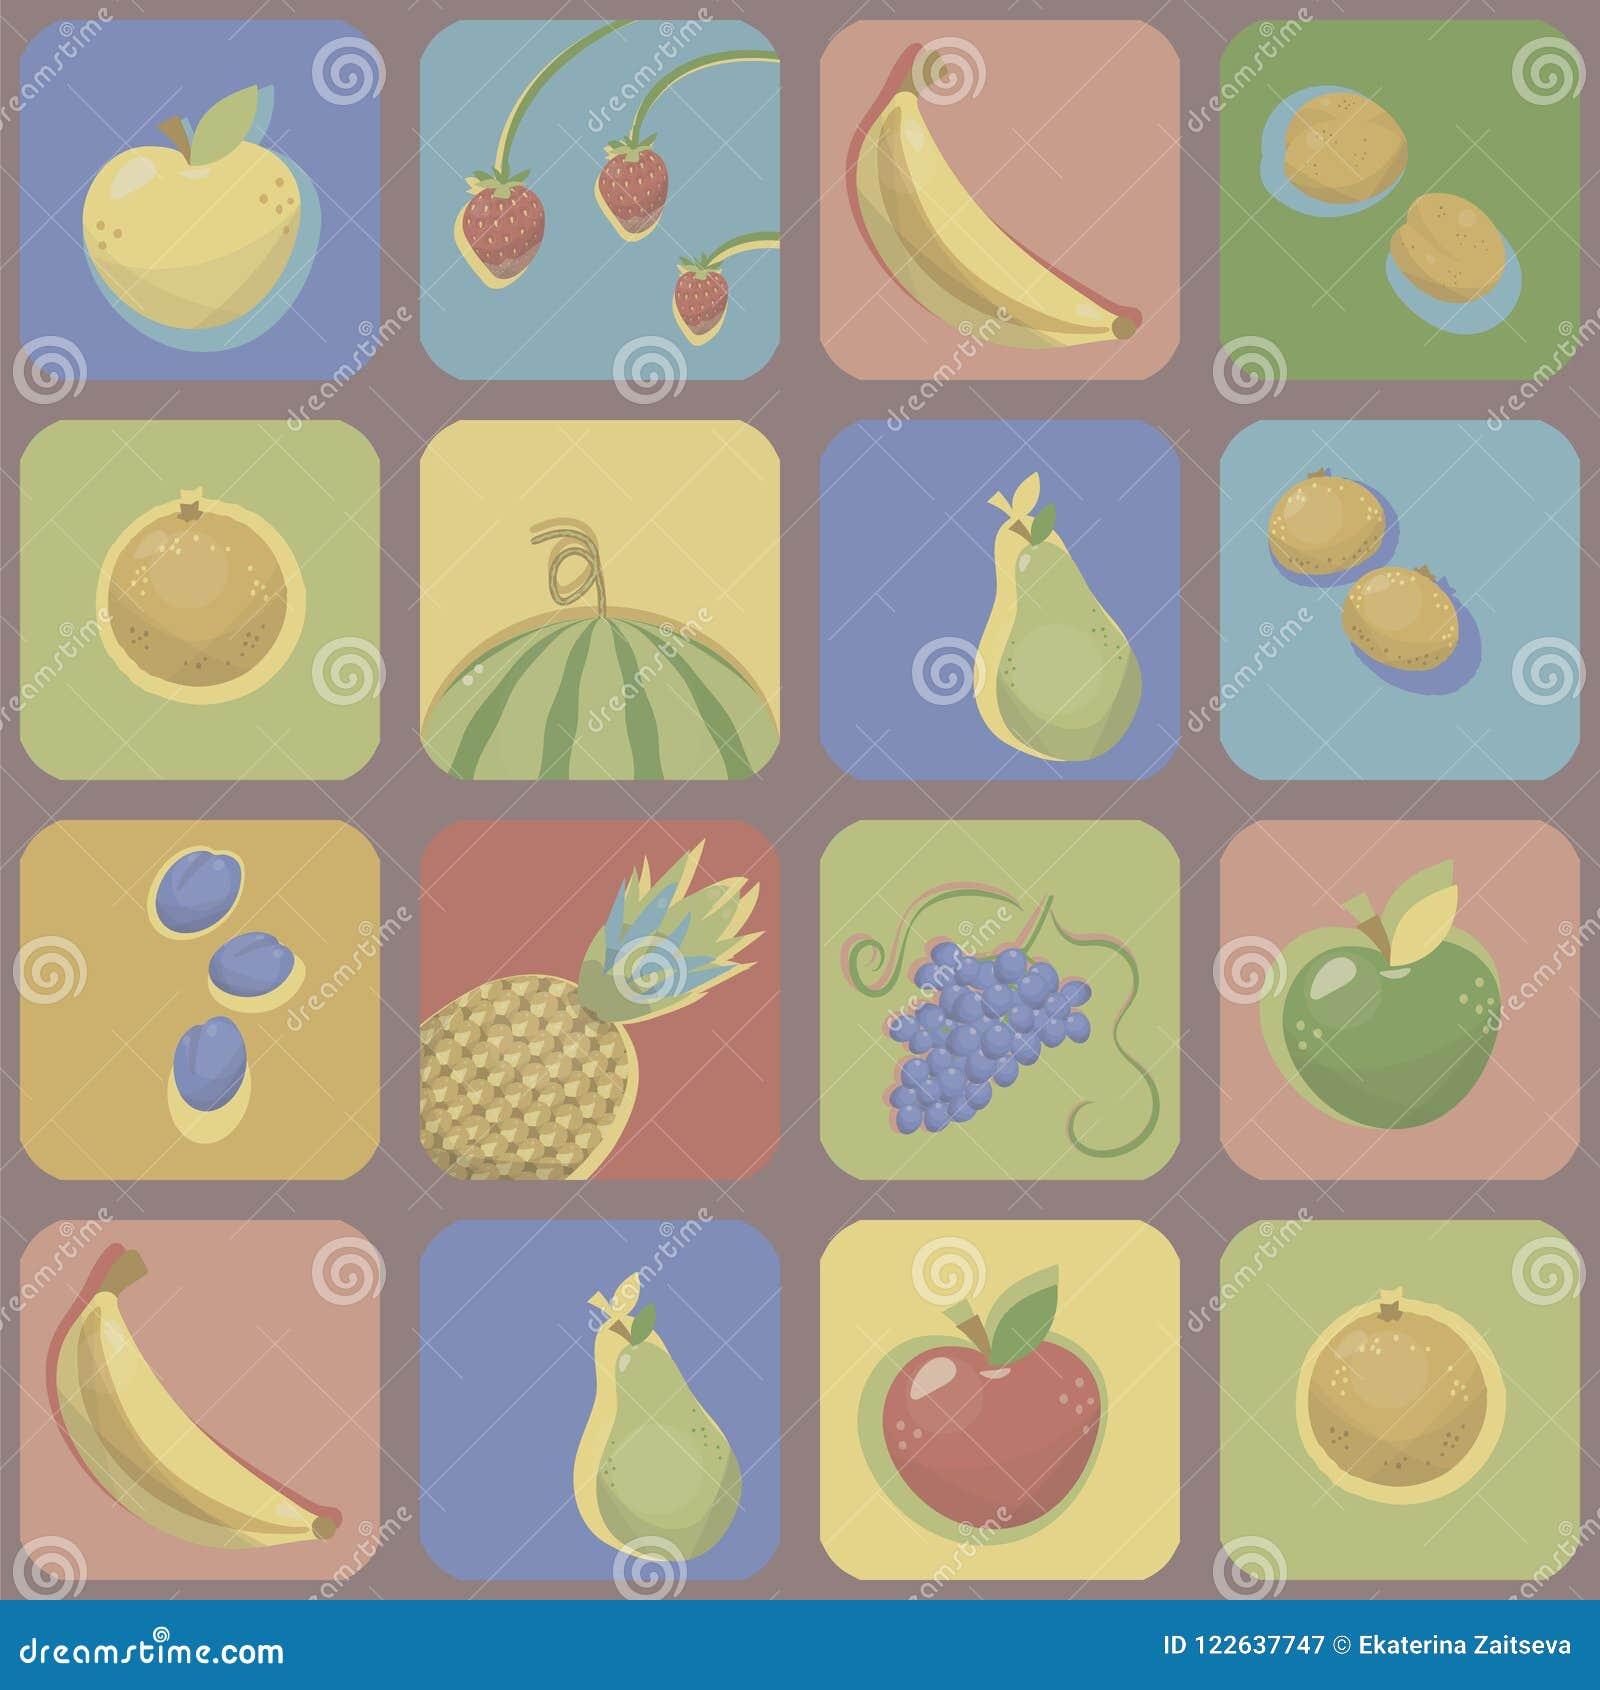 Quadrados coloridos com cantos arredondados com imagens de frutos brilhantes, de baga com sombra de contraste da cor, de brilho e